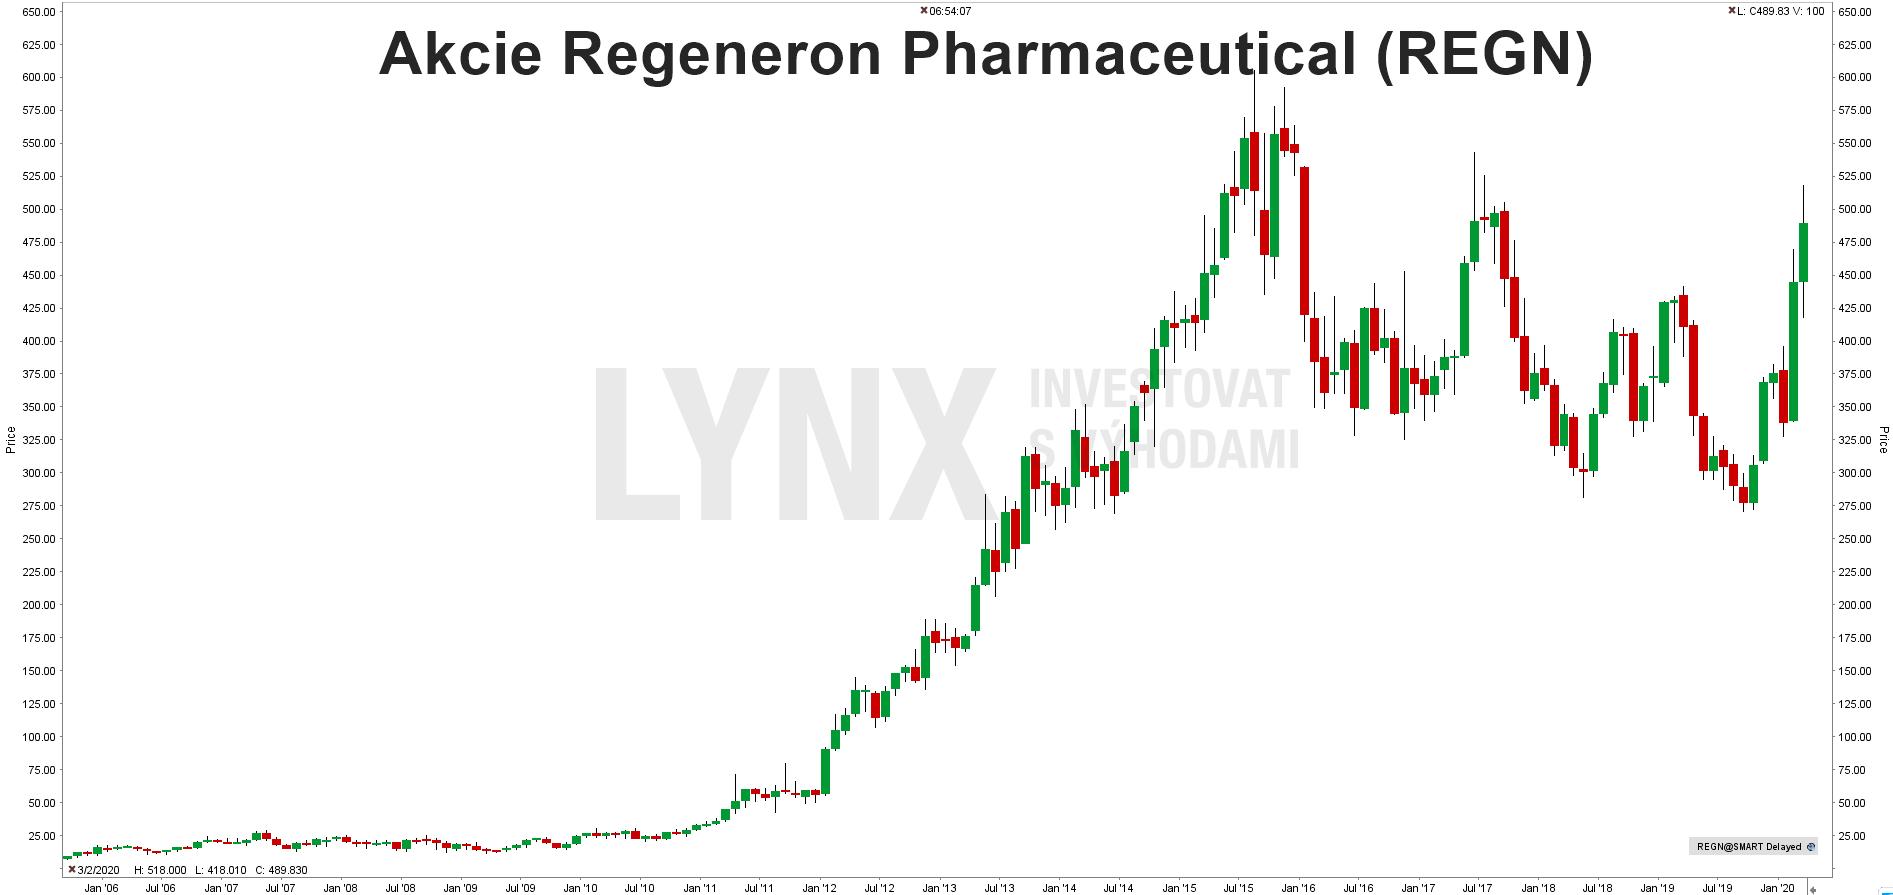 Graf akcie Regeneron Pharmaceutical